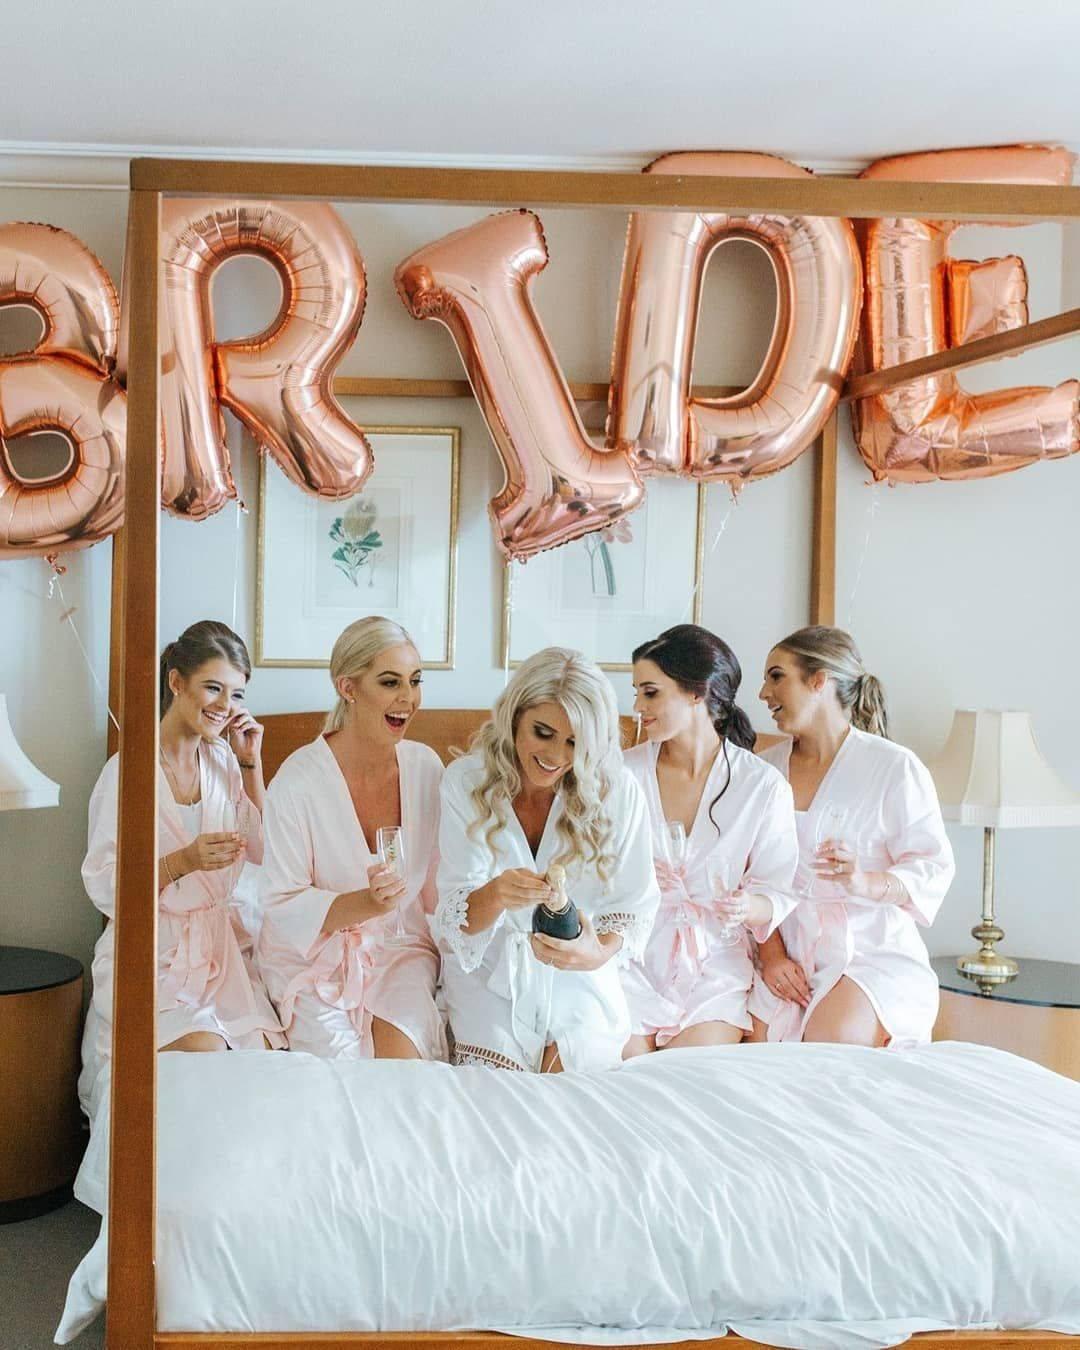 Сюрприз на девичник для невесты: лучшие идеи, как удивить подружку